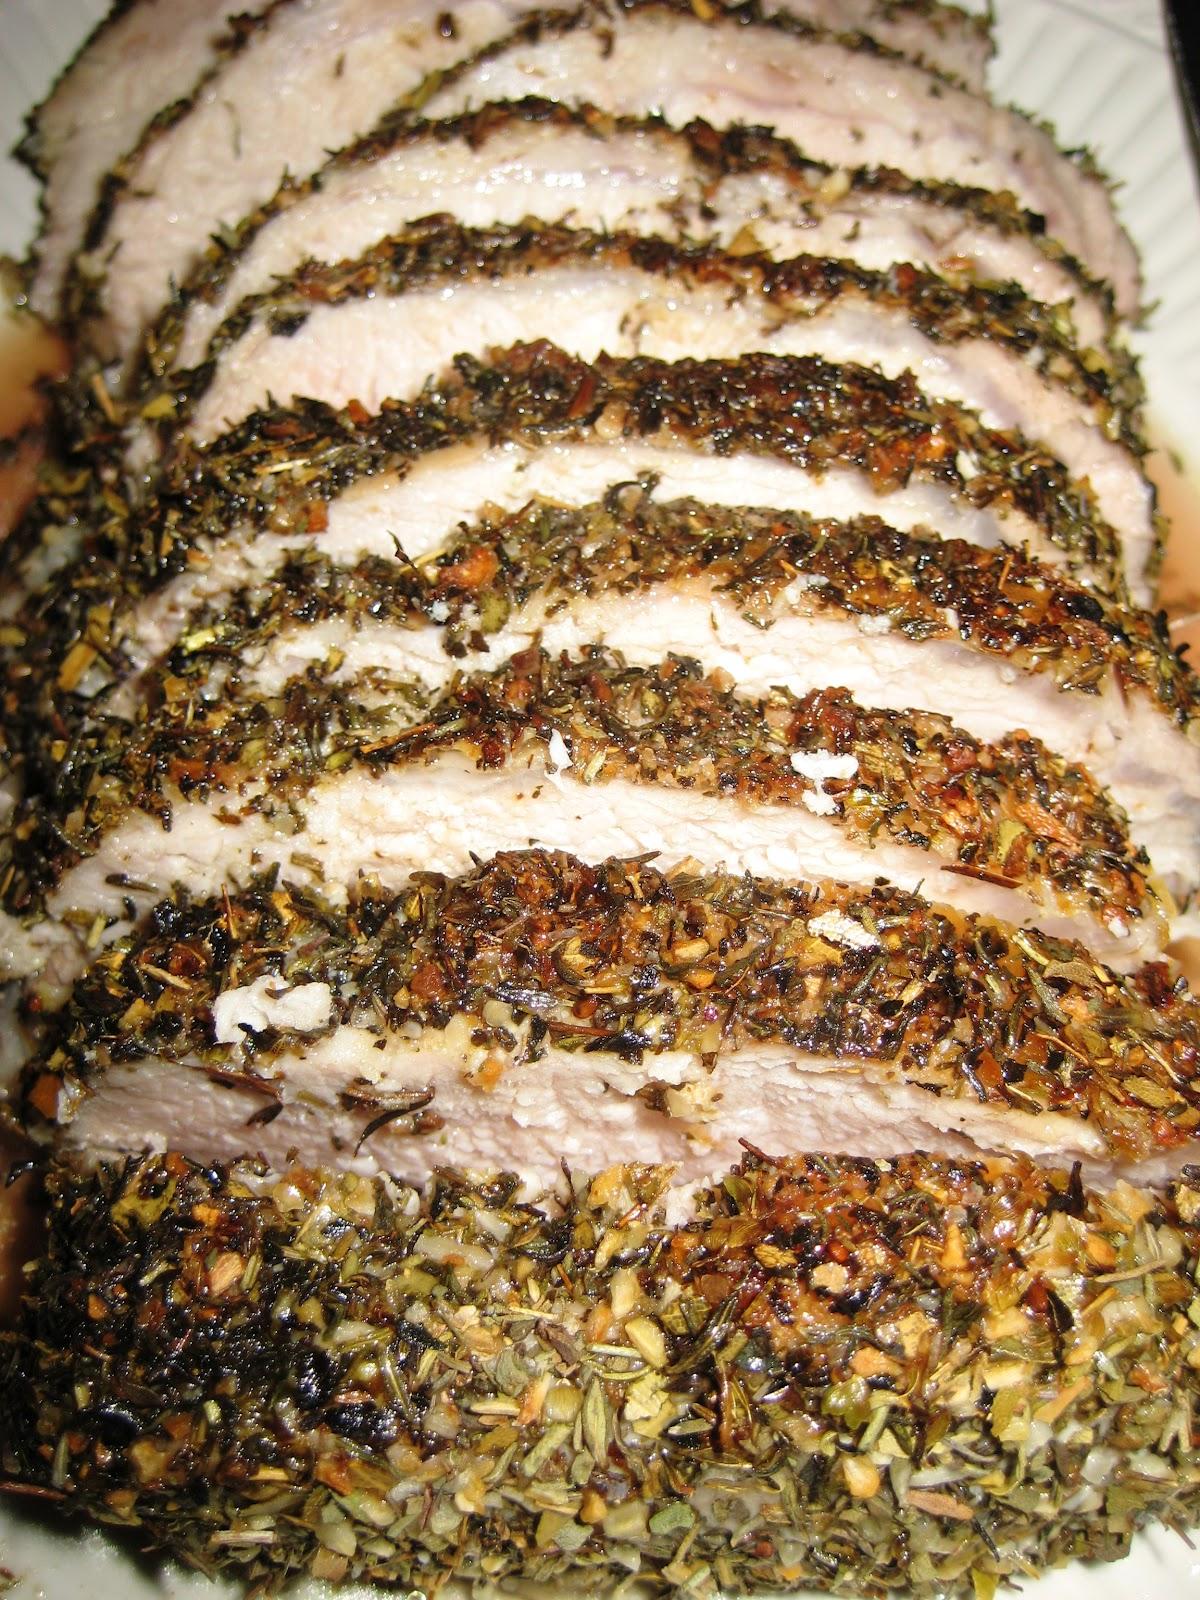 Mmmm Paleo: Roast Pork Loin with Herbes de Provence